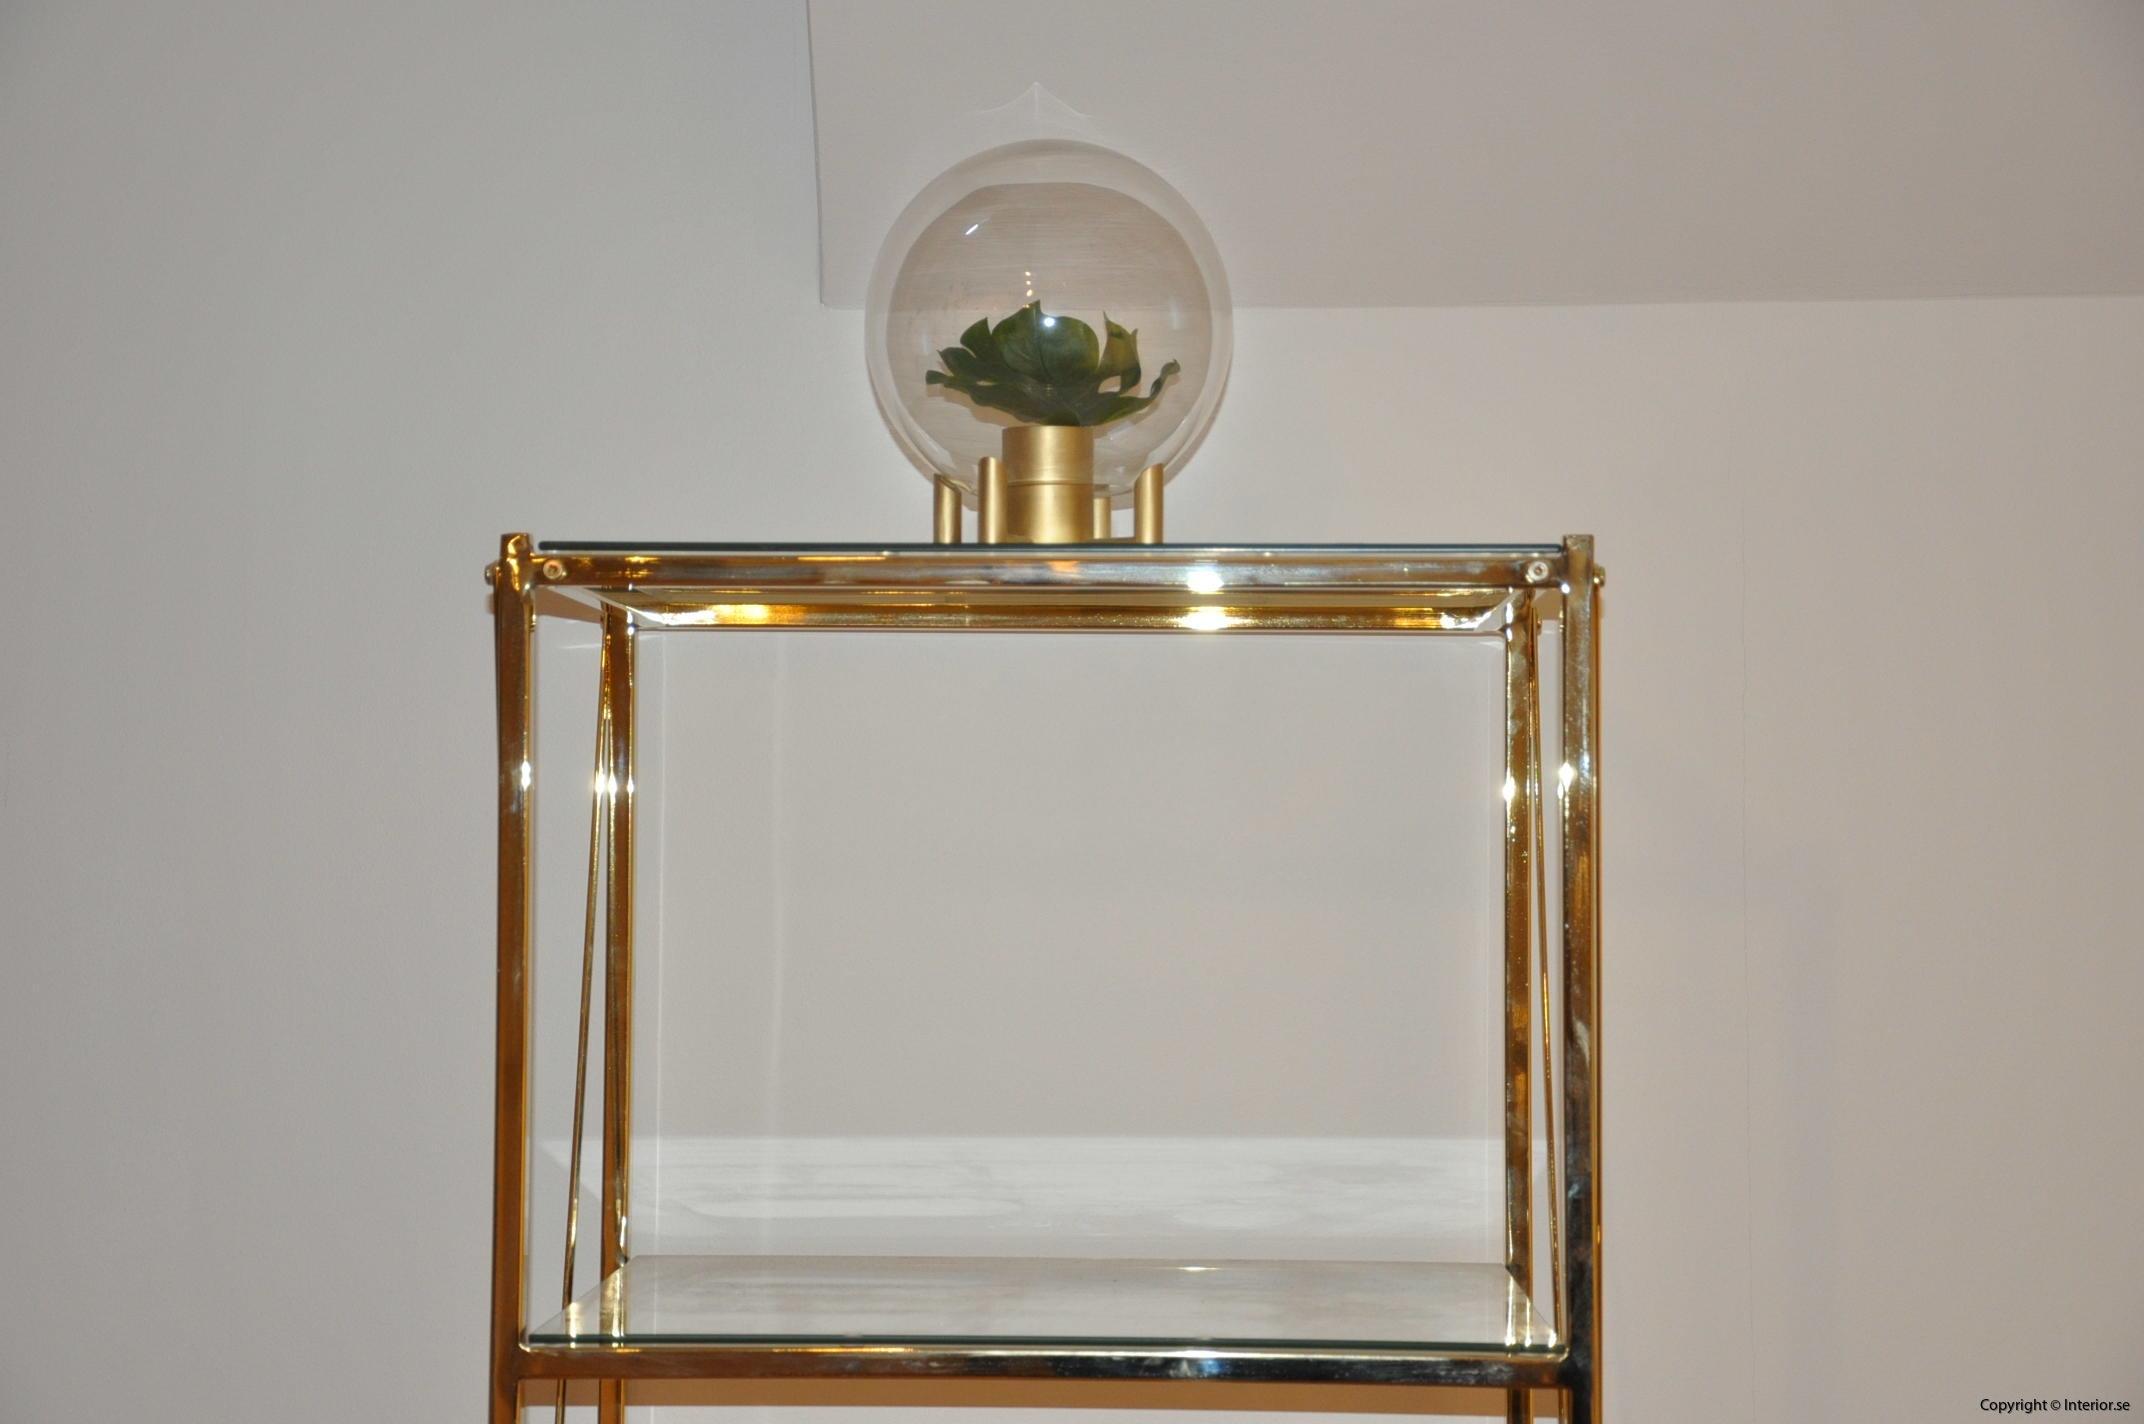 hylla glashylla mässing glas förvaring desingmöbler (2)